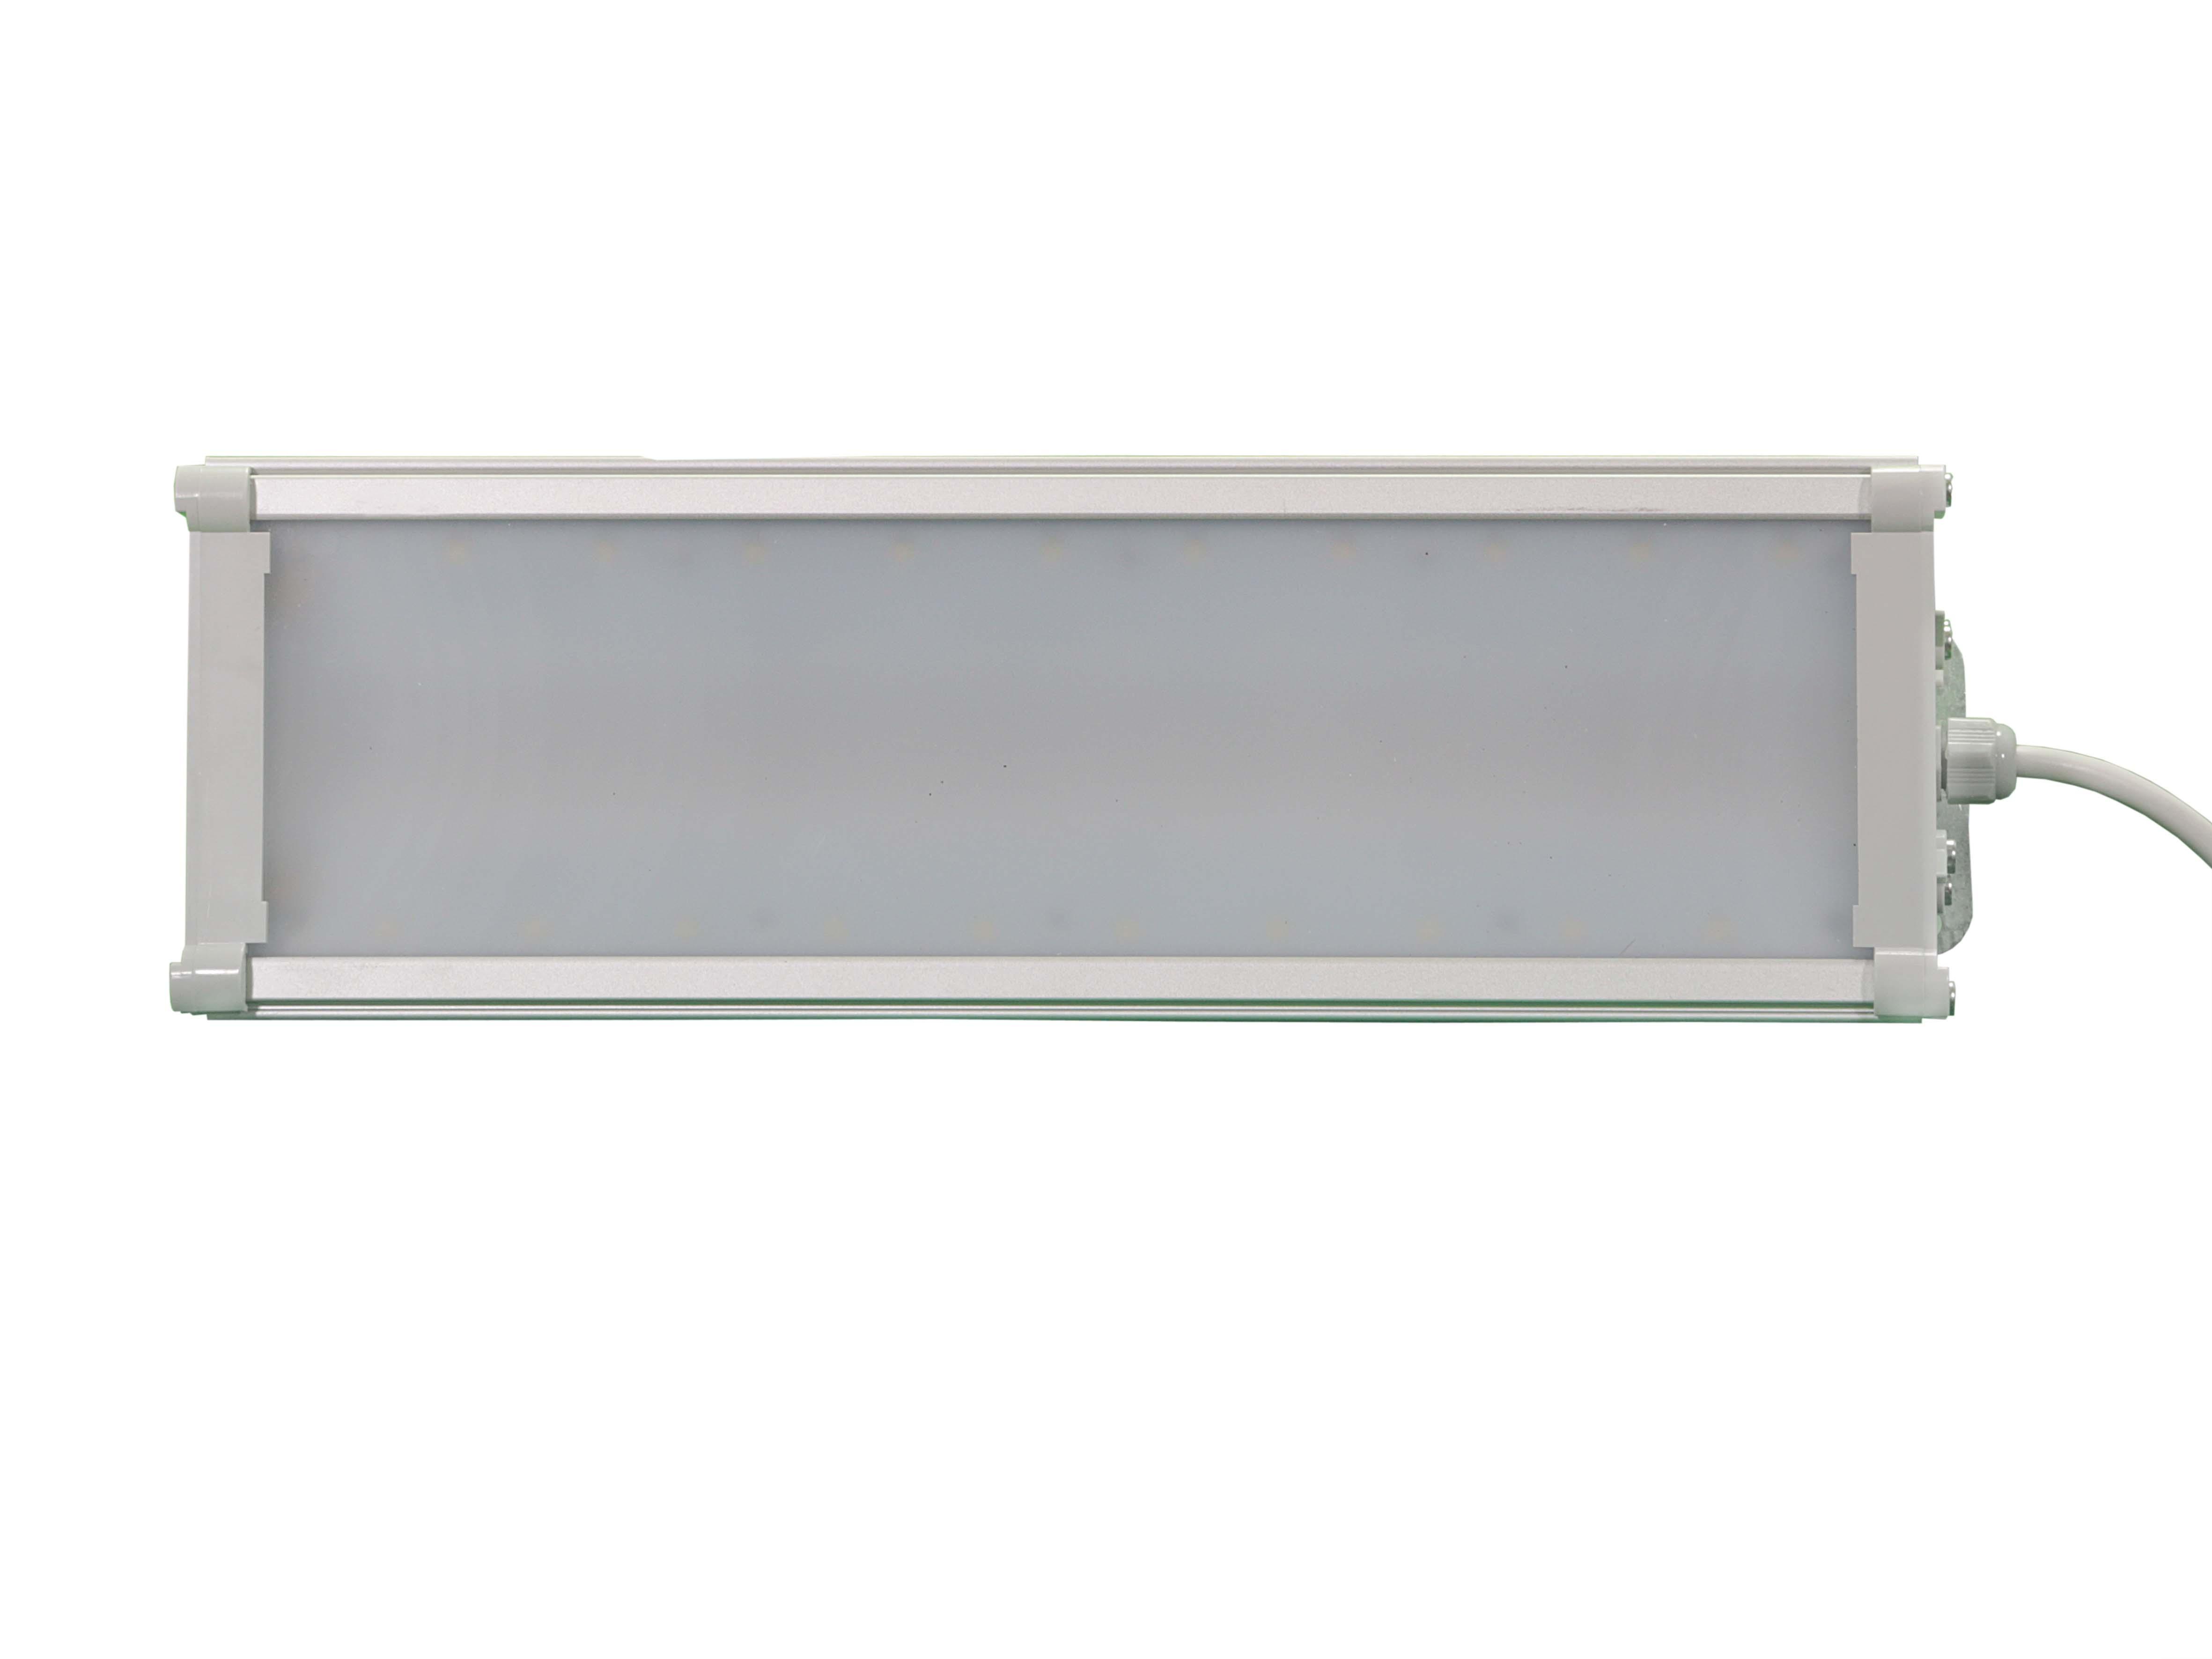 Офисный светодиодный светильник Айсберг Мини Премиум-25 25Вт 3283Лм